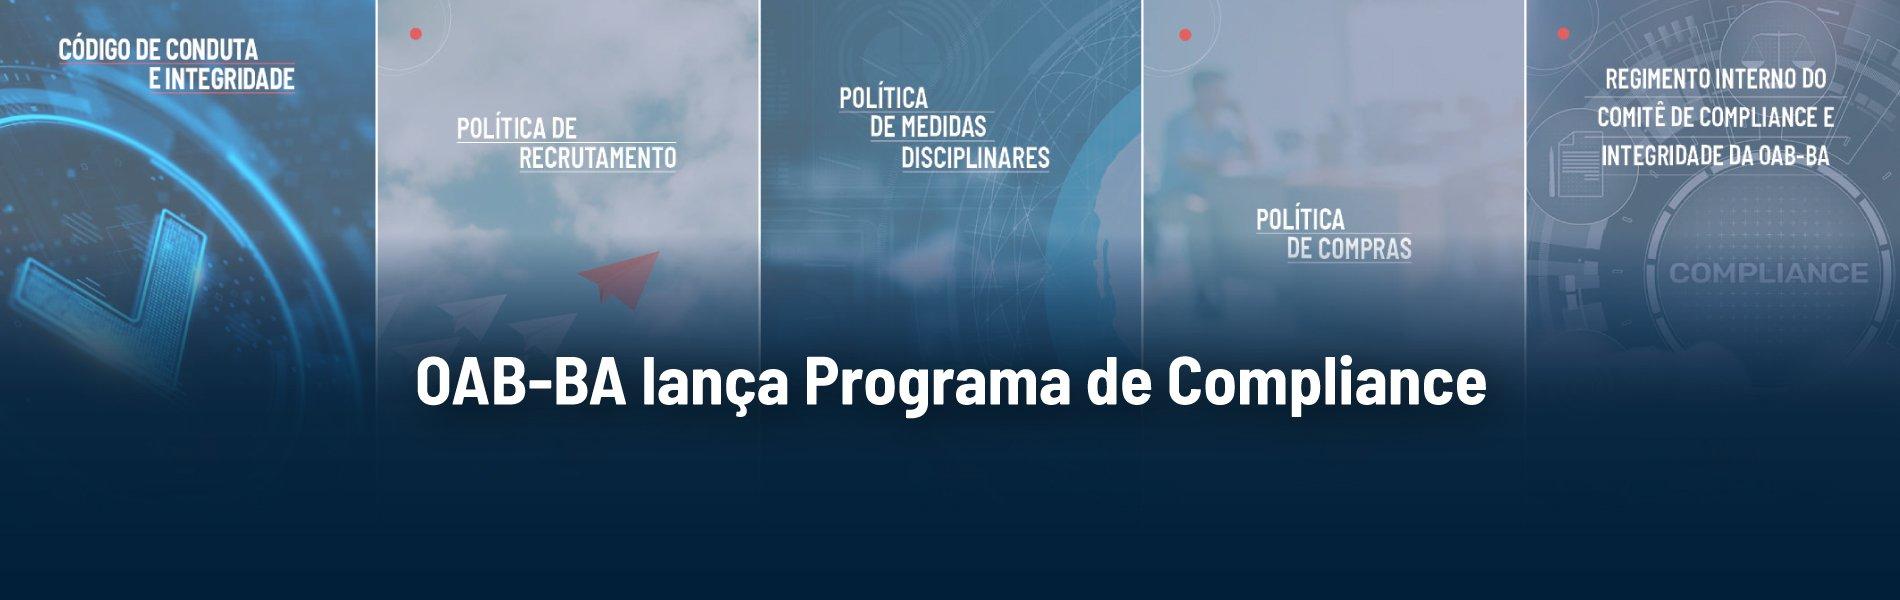 [OAB-BA lança Programa de Compliance]